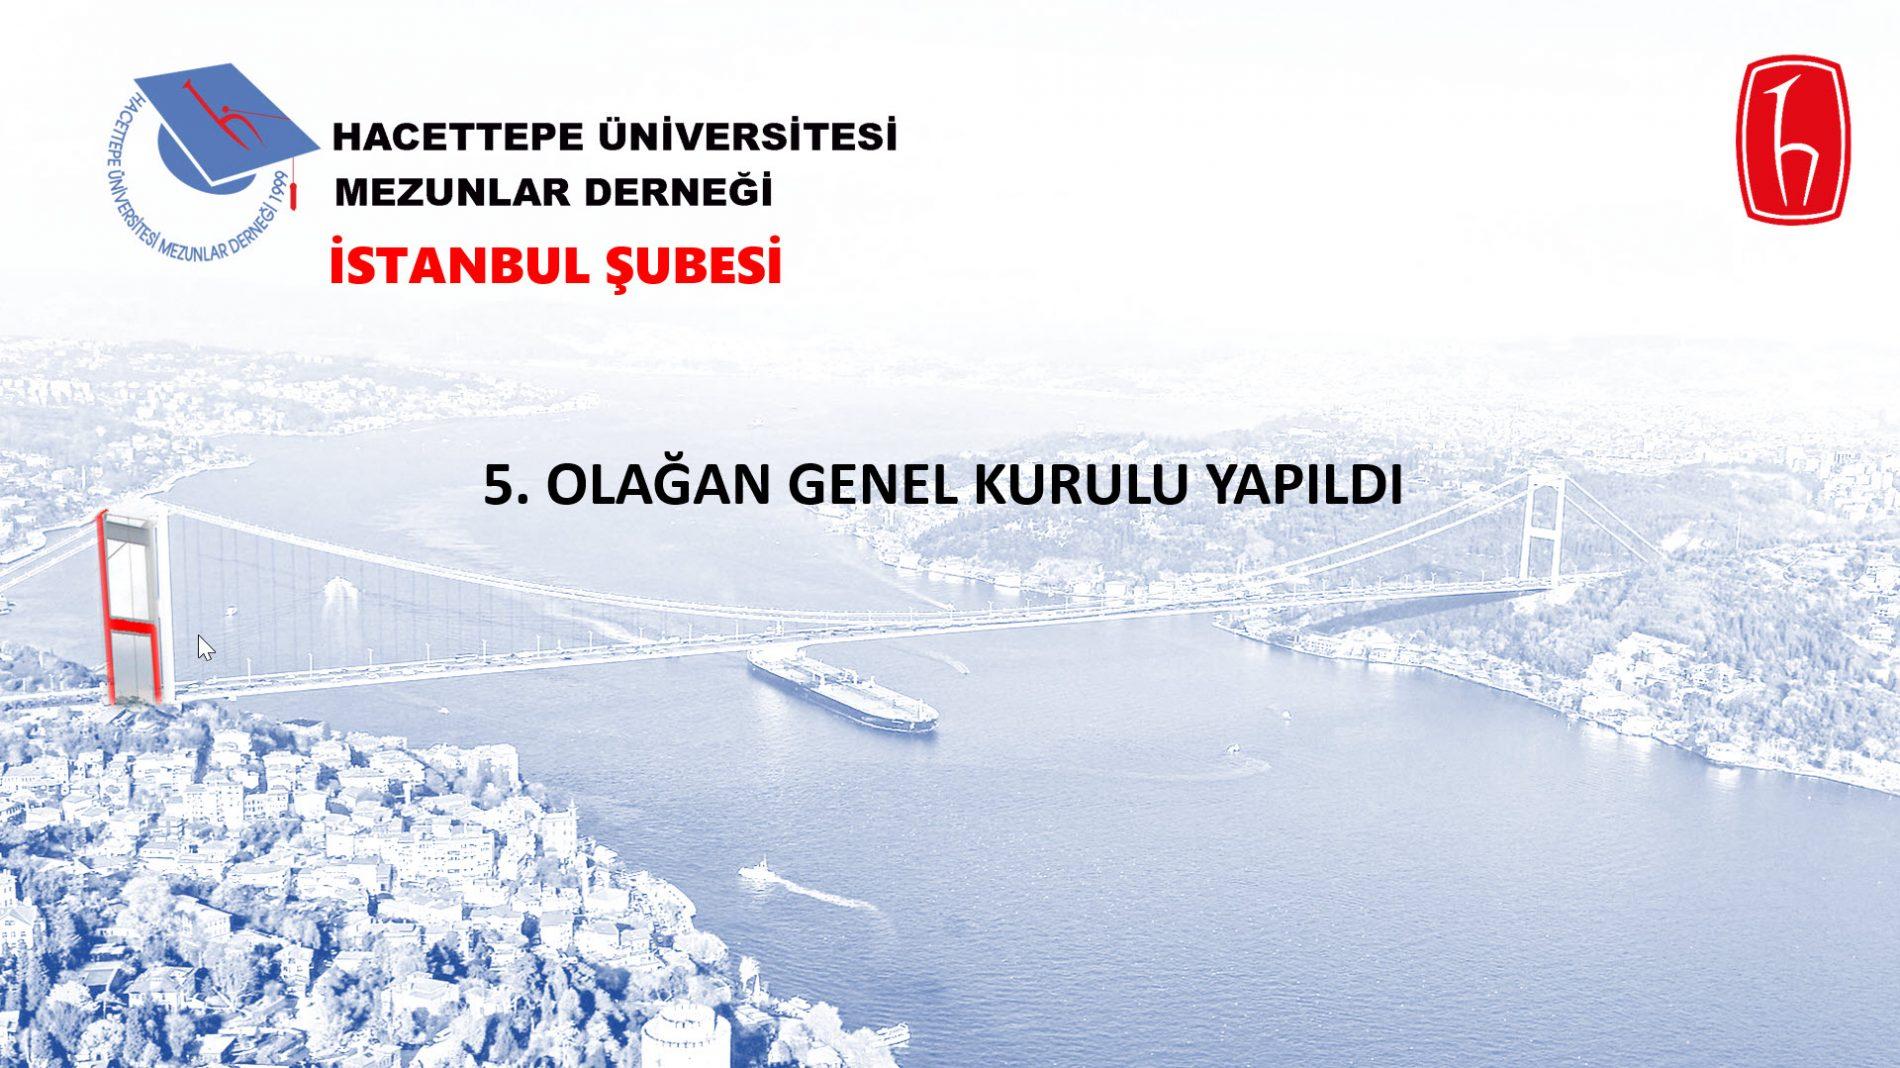 HÜMED İstanbul Şubesi Yeni Yönetimi Göreve Başladı